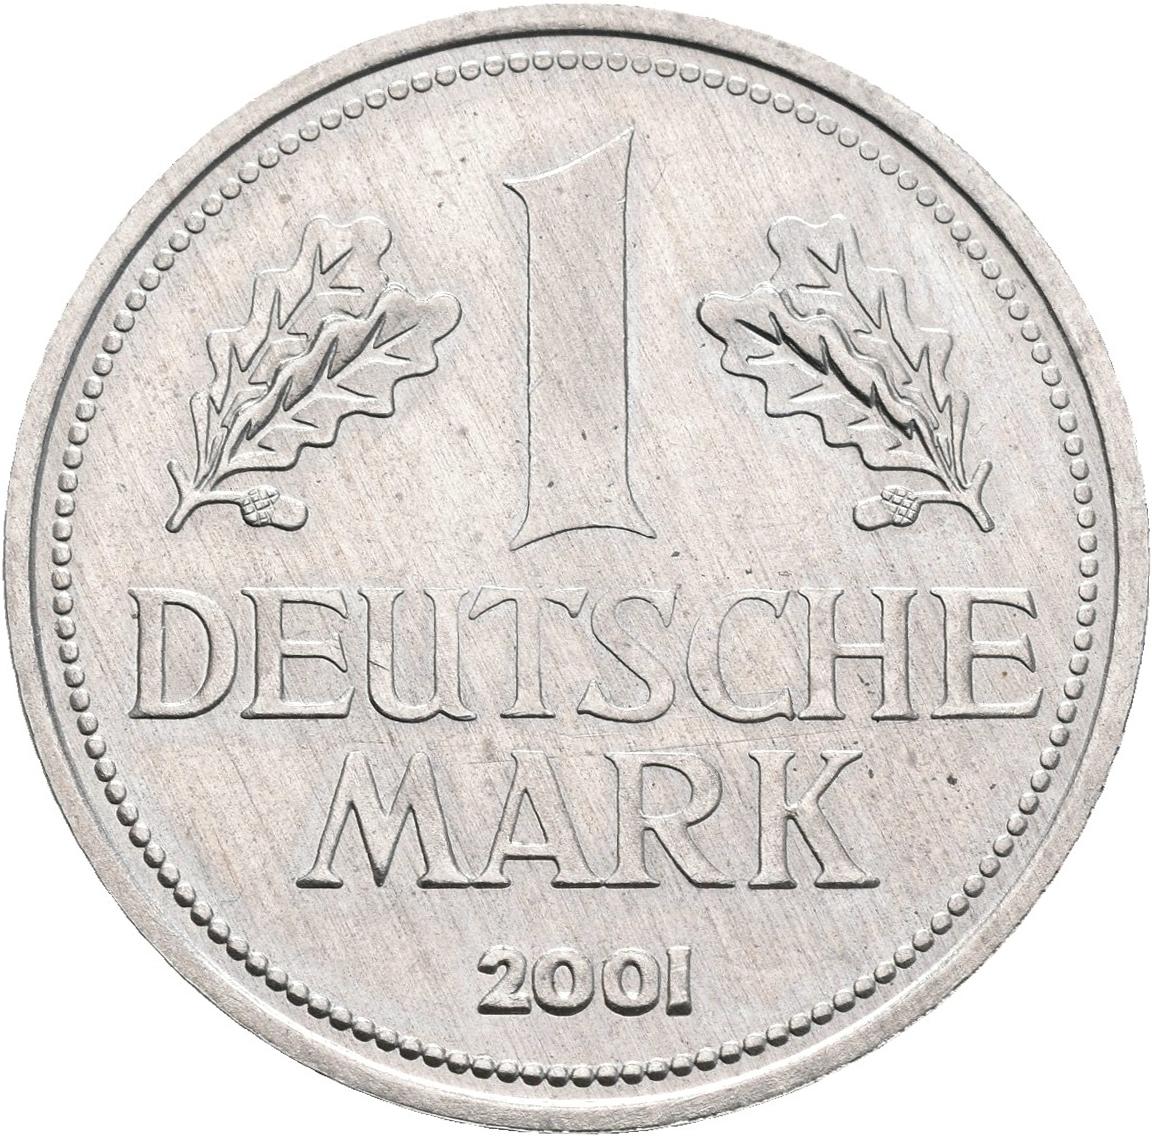 Lot 02330 - Proben & Verprägungen | Münzen  -  Auktionshaus Christoph Gärtner GmbH & Co. KG Sale #48 The Coins & The Picture Post Cards